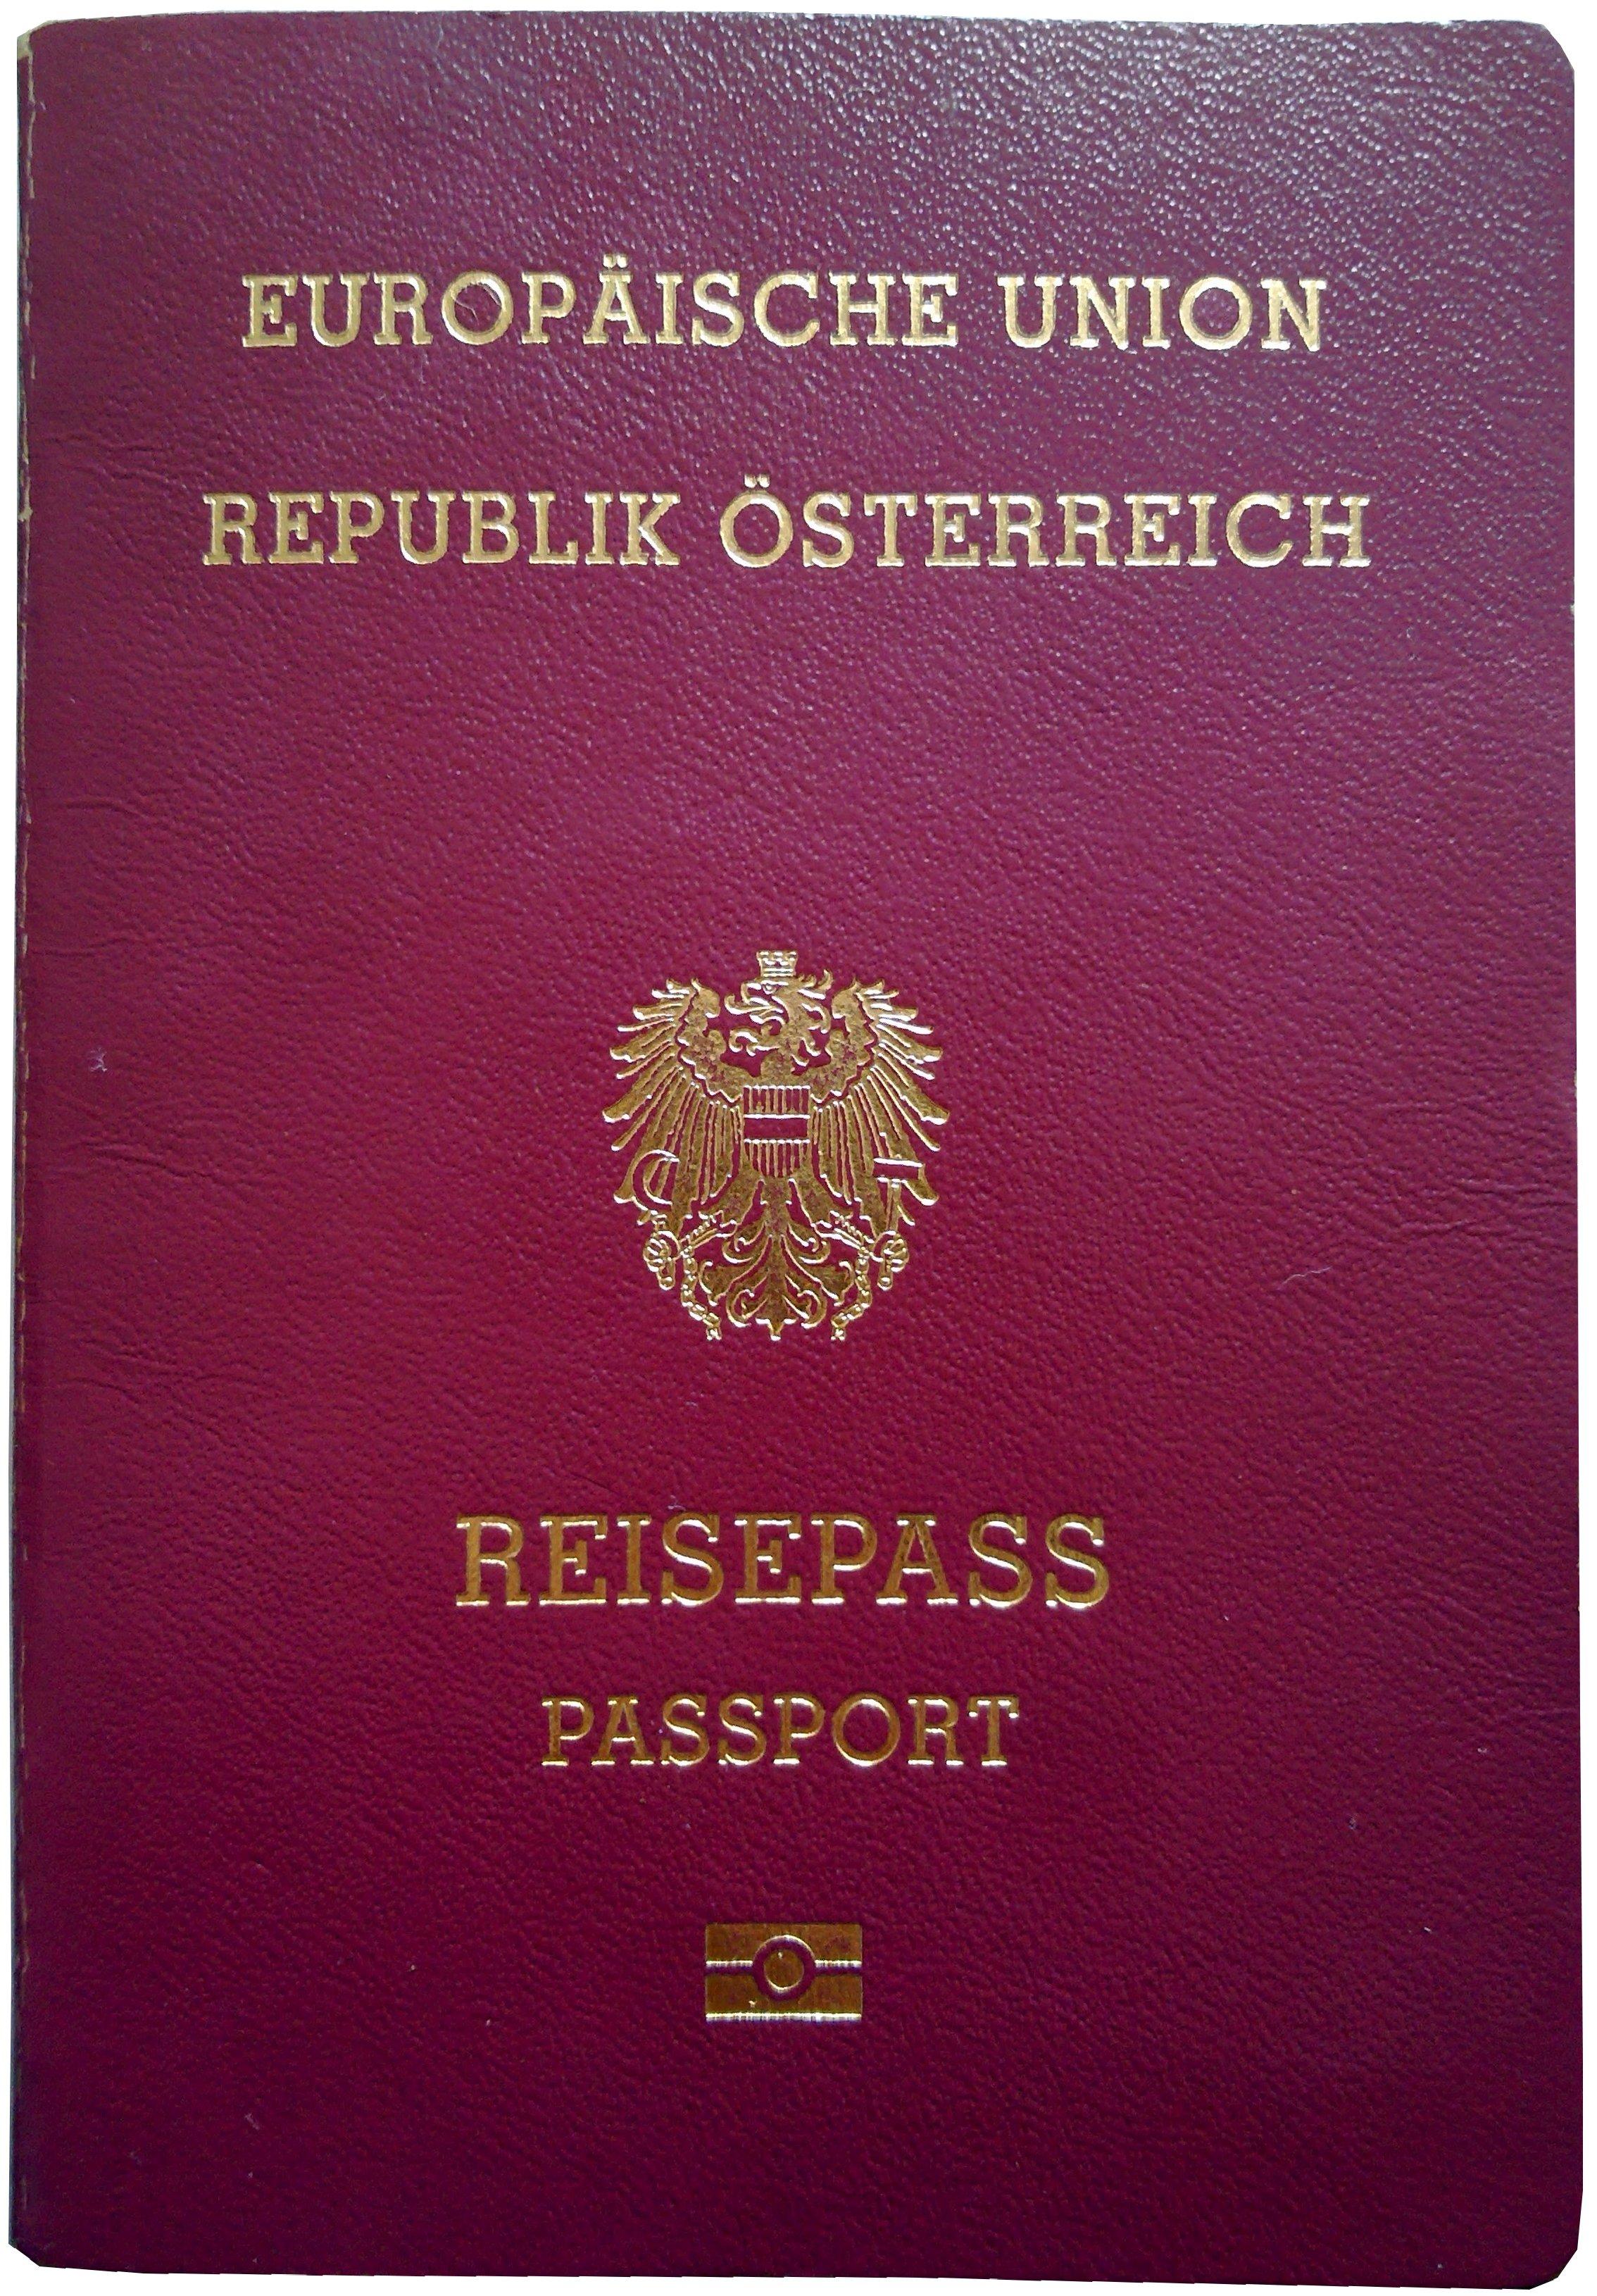 بالصور صور جواز سفر , صور مجموعة جوازات السفر جميع الدول 2954 5